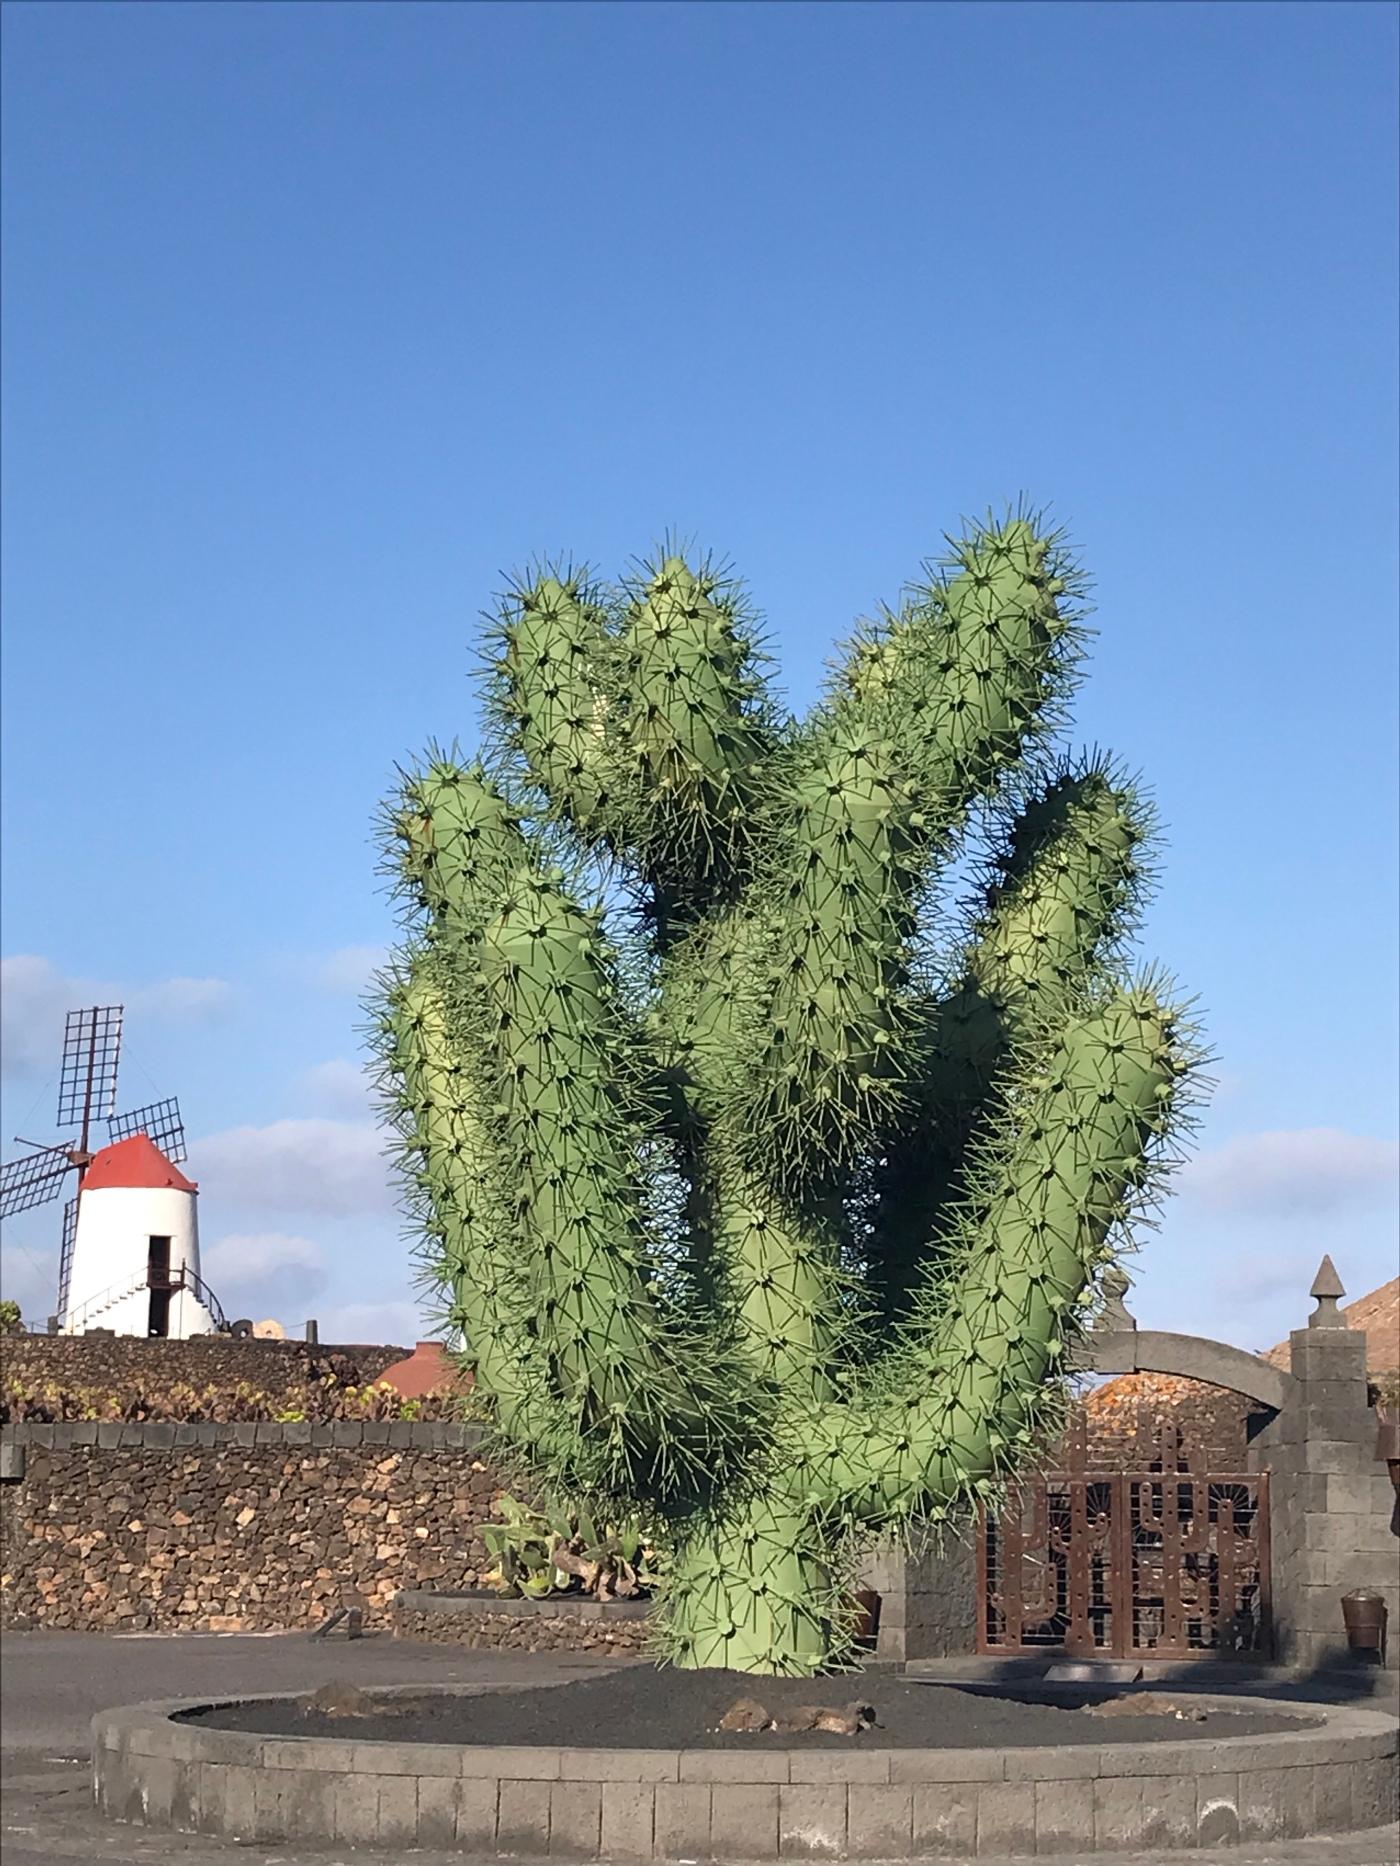 le jardin de cactus lanzarote - Le Jardin